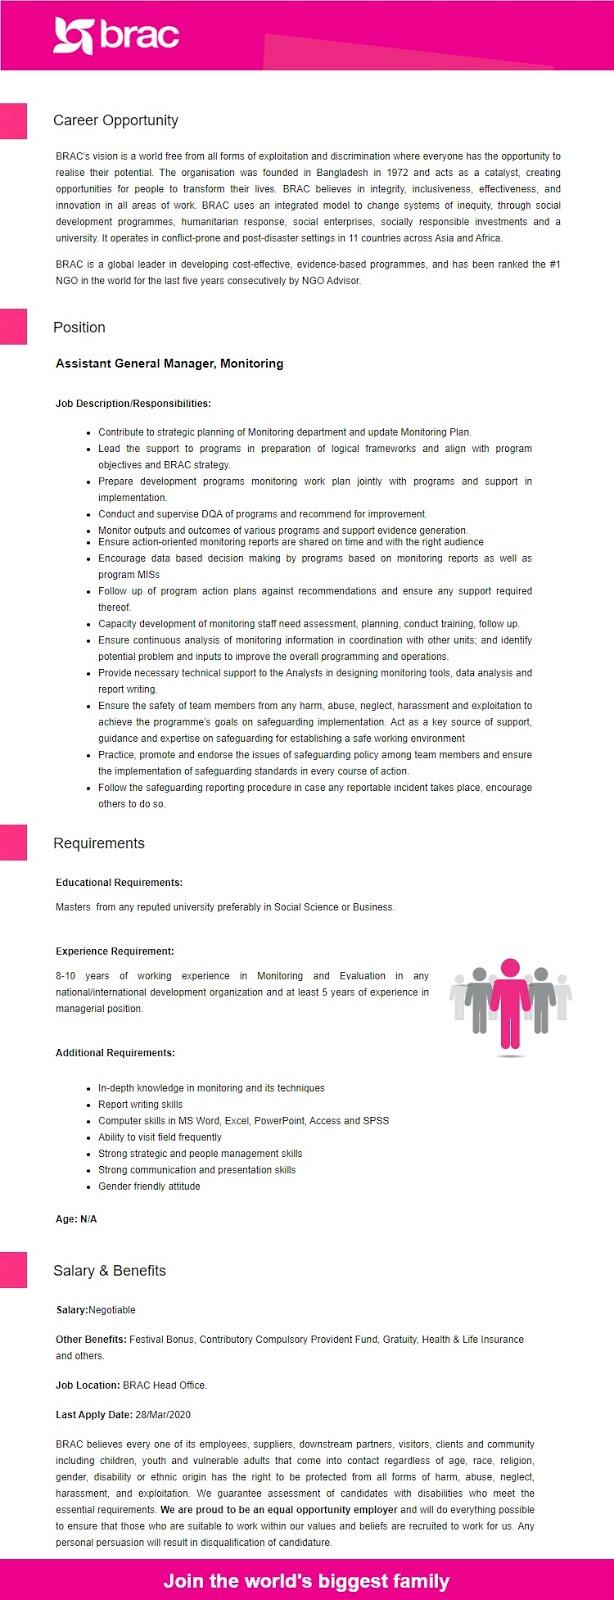 ব্র্যাক এনজিও নিয়োগ ২০২০ - BRAC NGO JOB CIRCULAR 2020 - NGO JOB OPPORTUNITY - NGO JOB NEWS